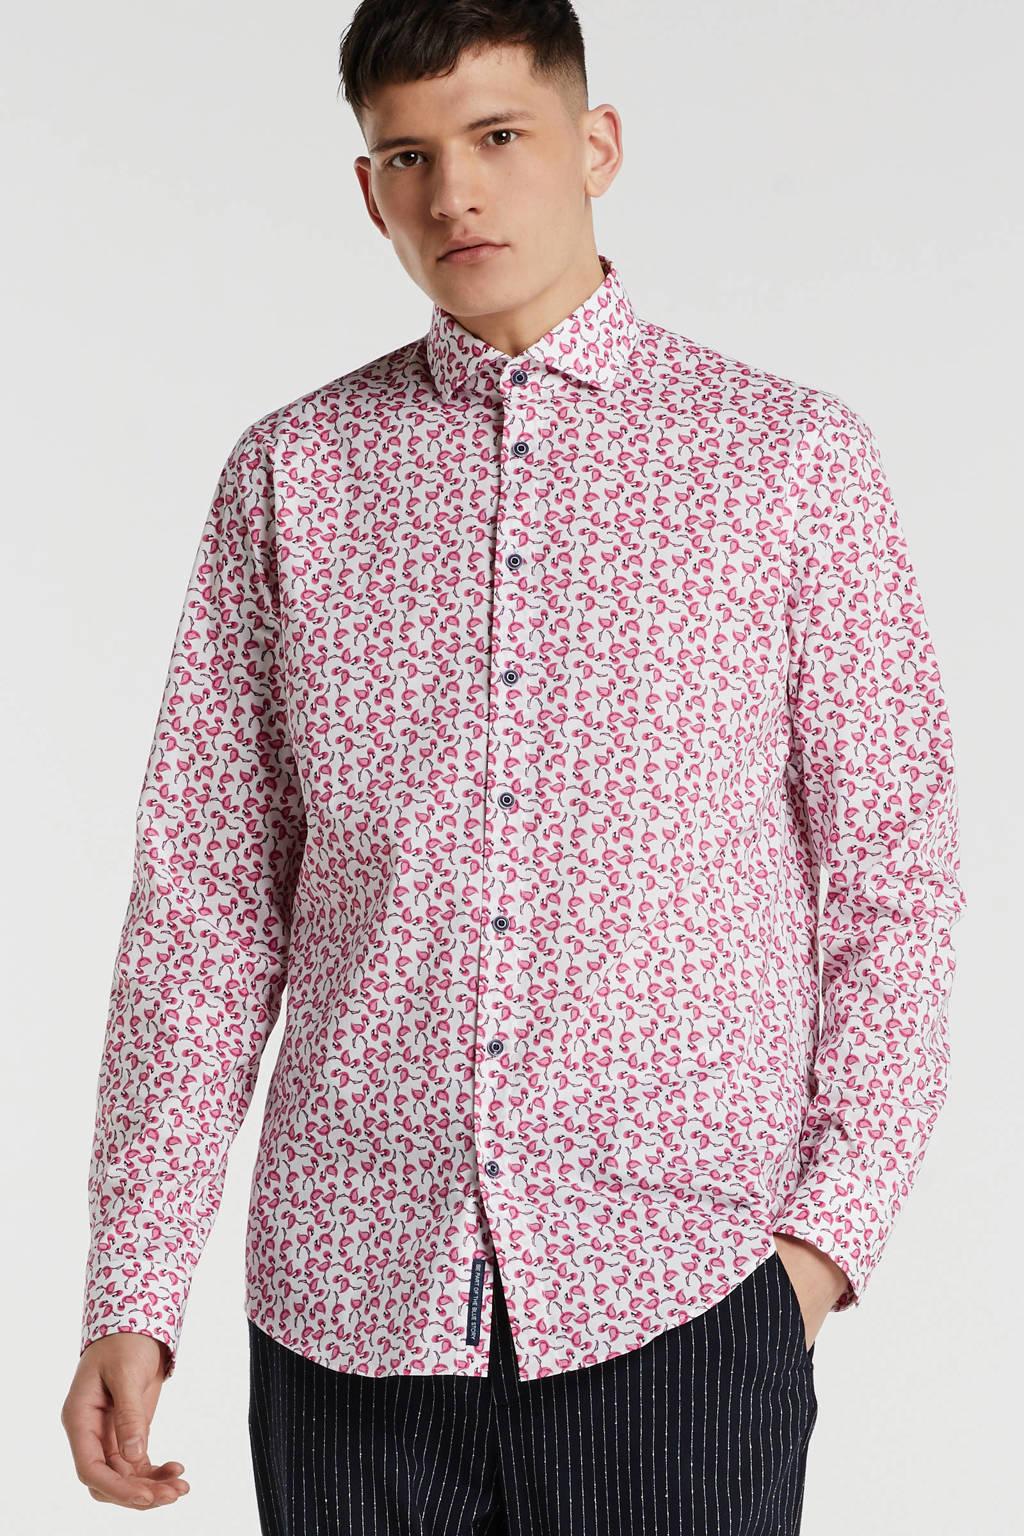 Blue Industry slim fit overhemd met dierenprint wit/roze, Wit/roze